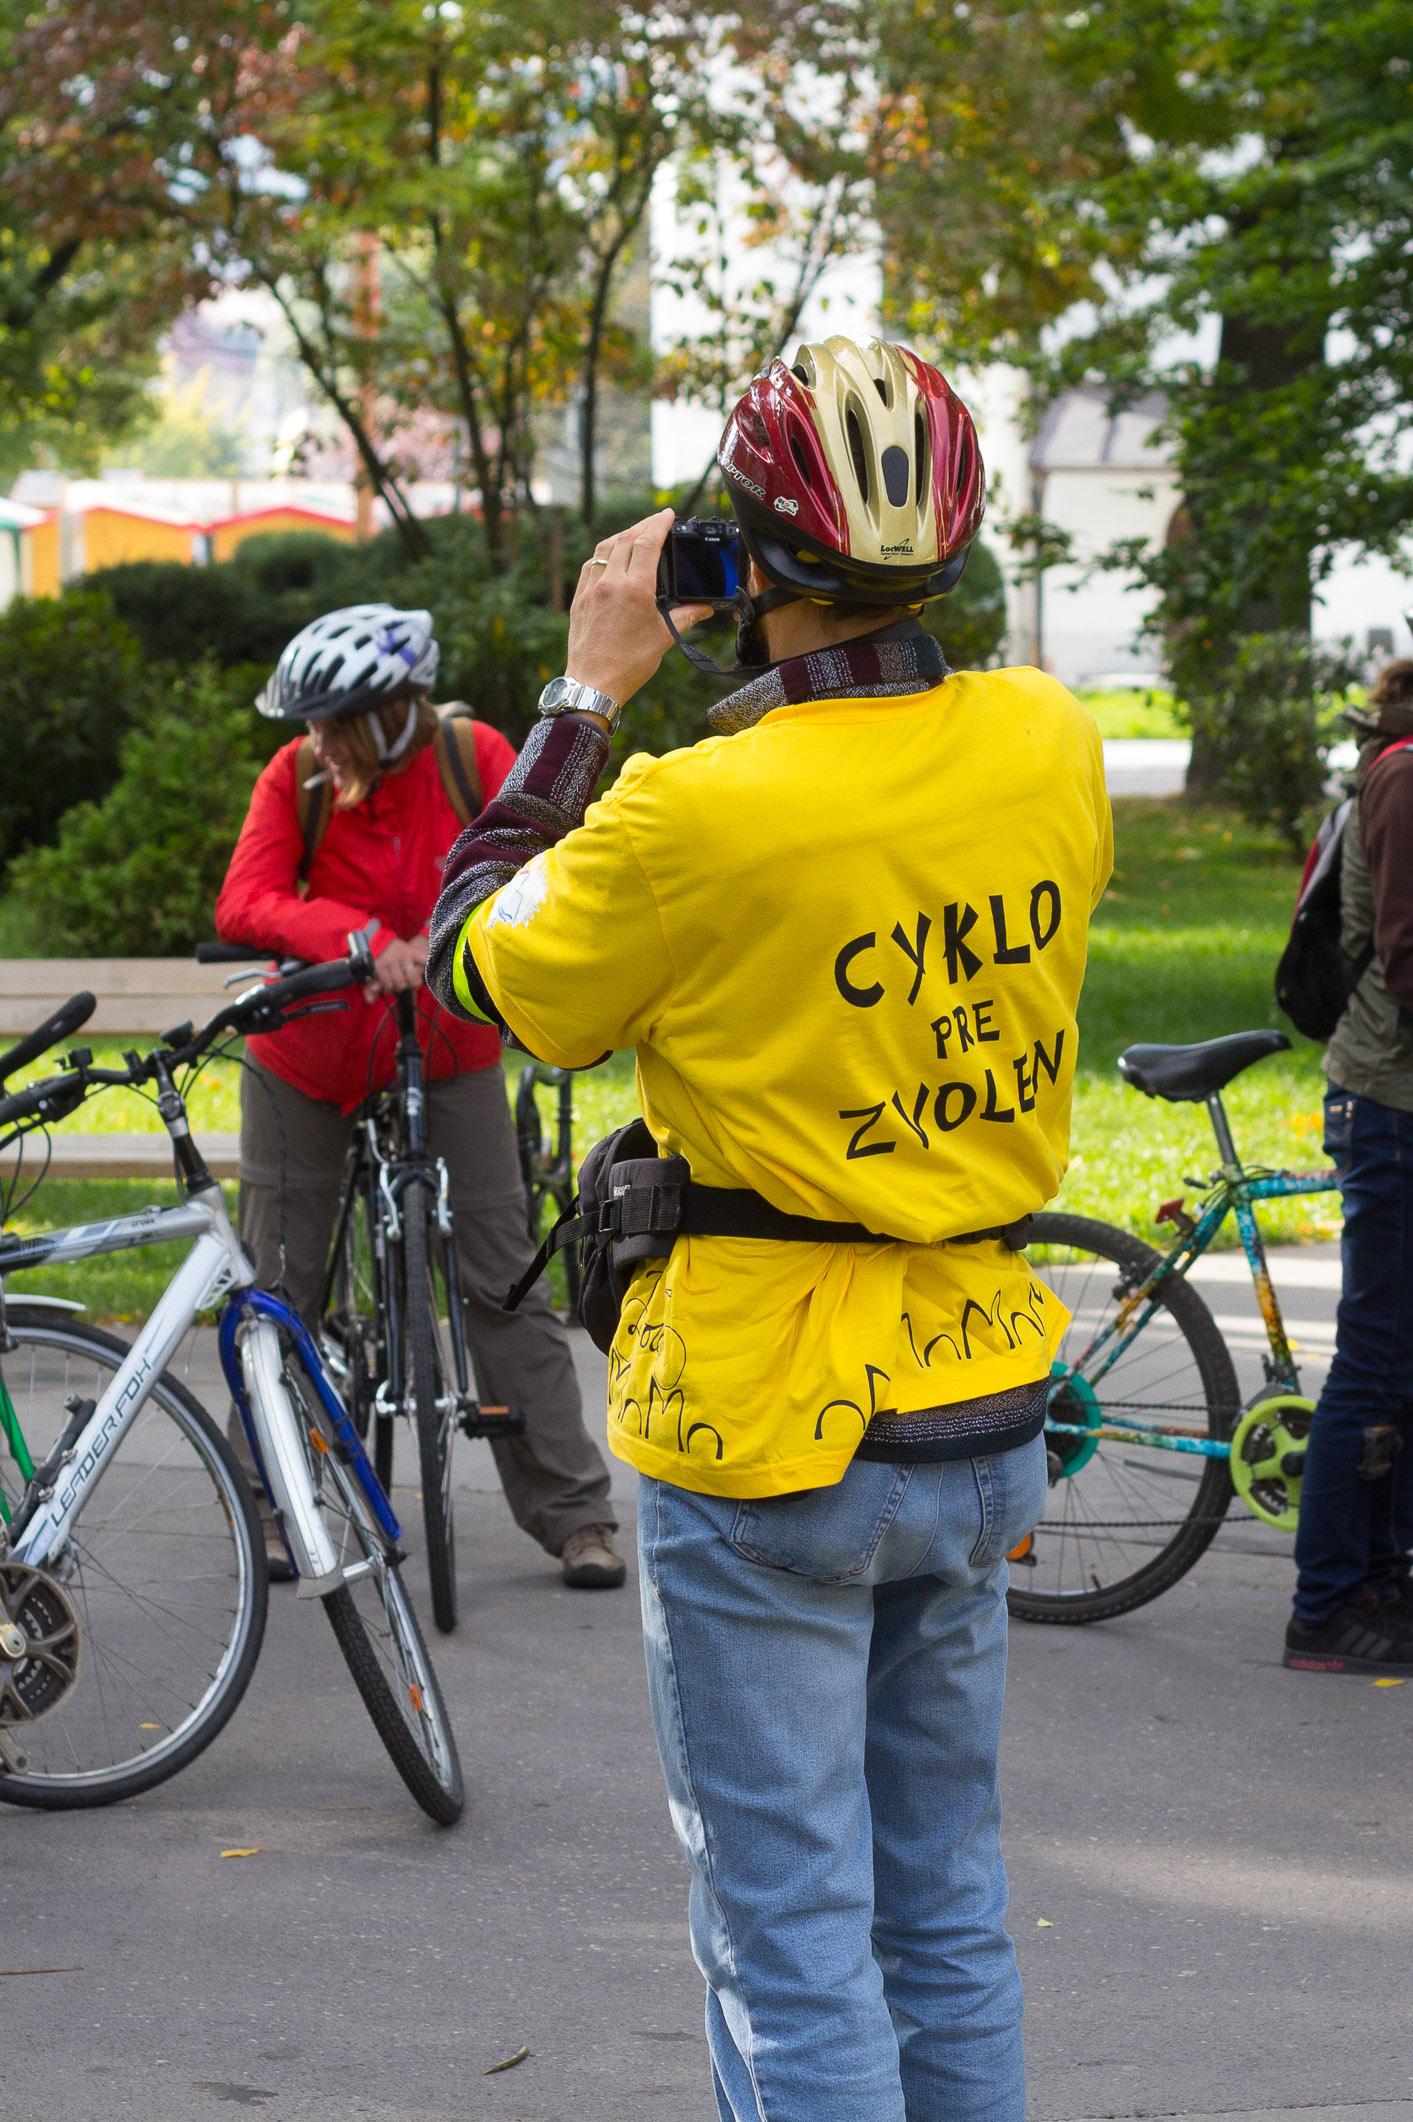 bicyklovy-vylet-zvolen-1